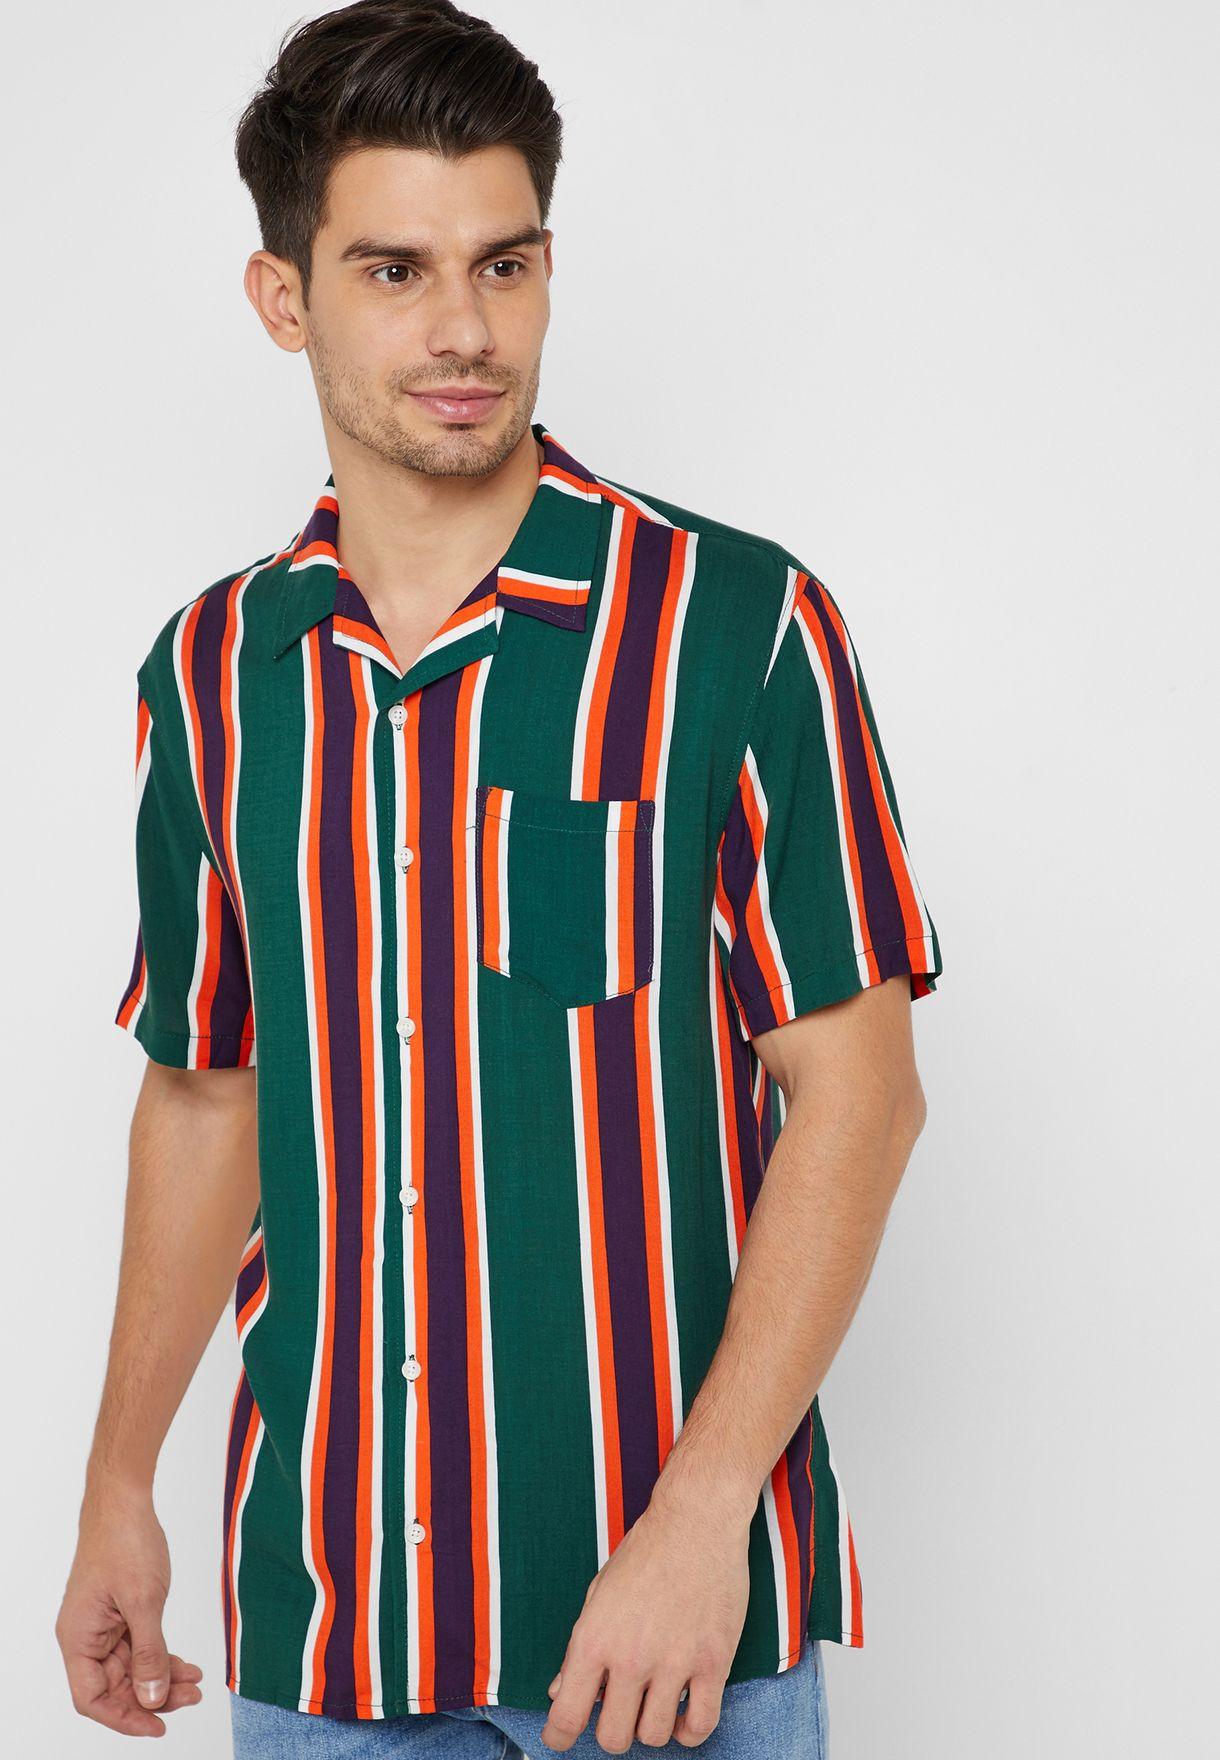 b4c8cc83de0d Shop Cotton On prints Festival Striped Shirt 362700-28 for Men in ...